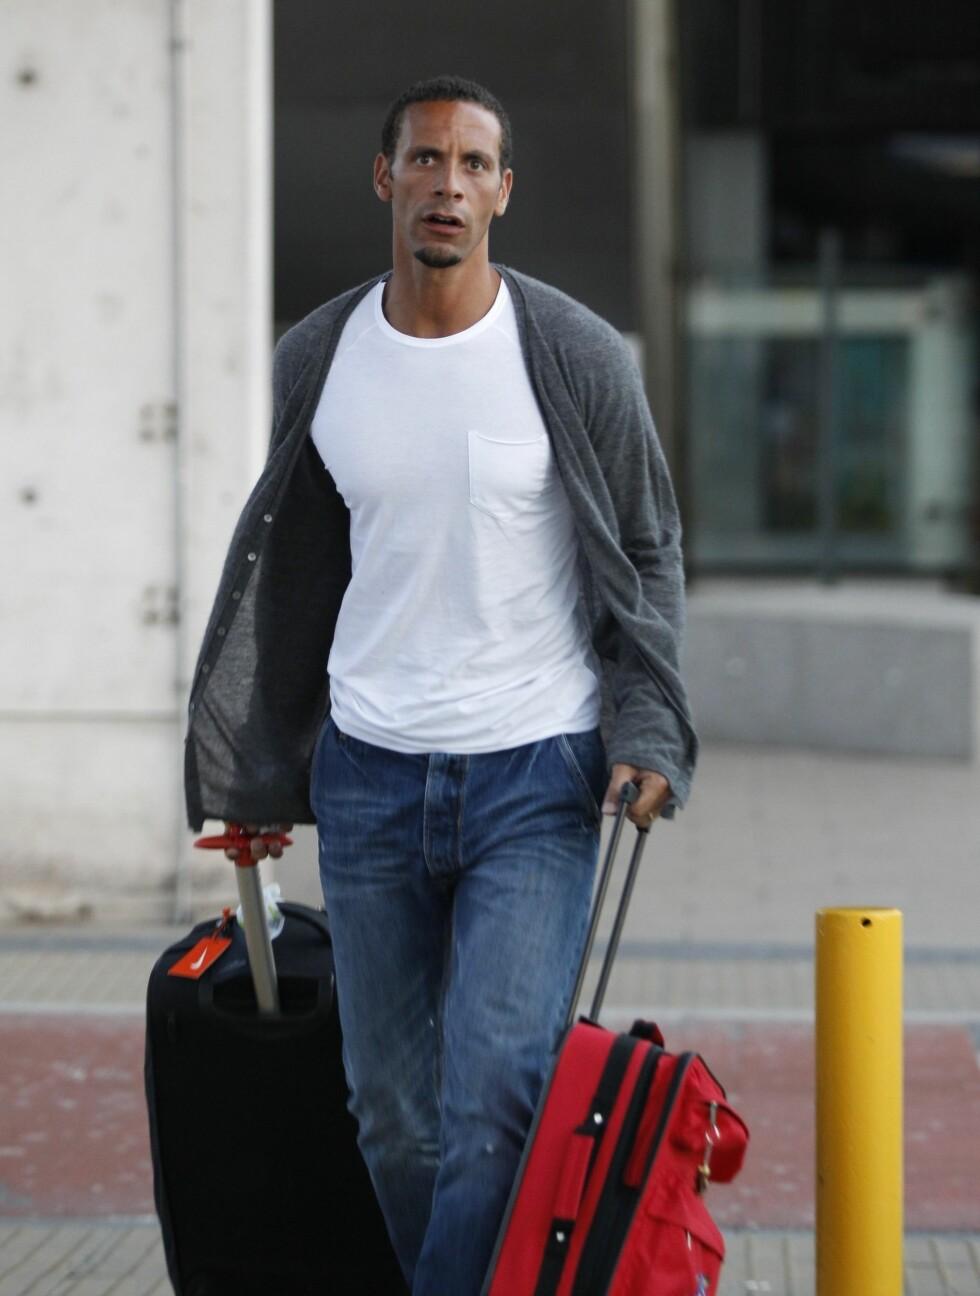 <strong>FIKK IKKE BLI MED:</strong> Rio måtte pakke badeshortsen istedenfor fotballsko, da han fikk beskjed om at han ikke fikk være med England til sommerens fotball-EM. Foto: Stella Pictures